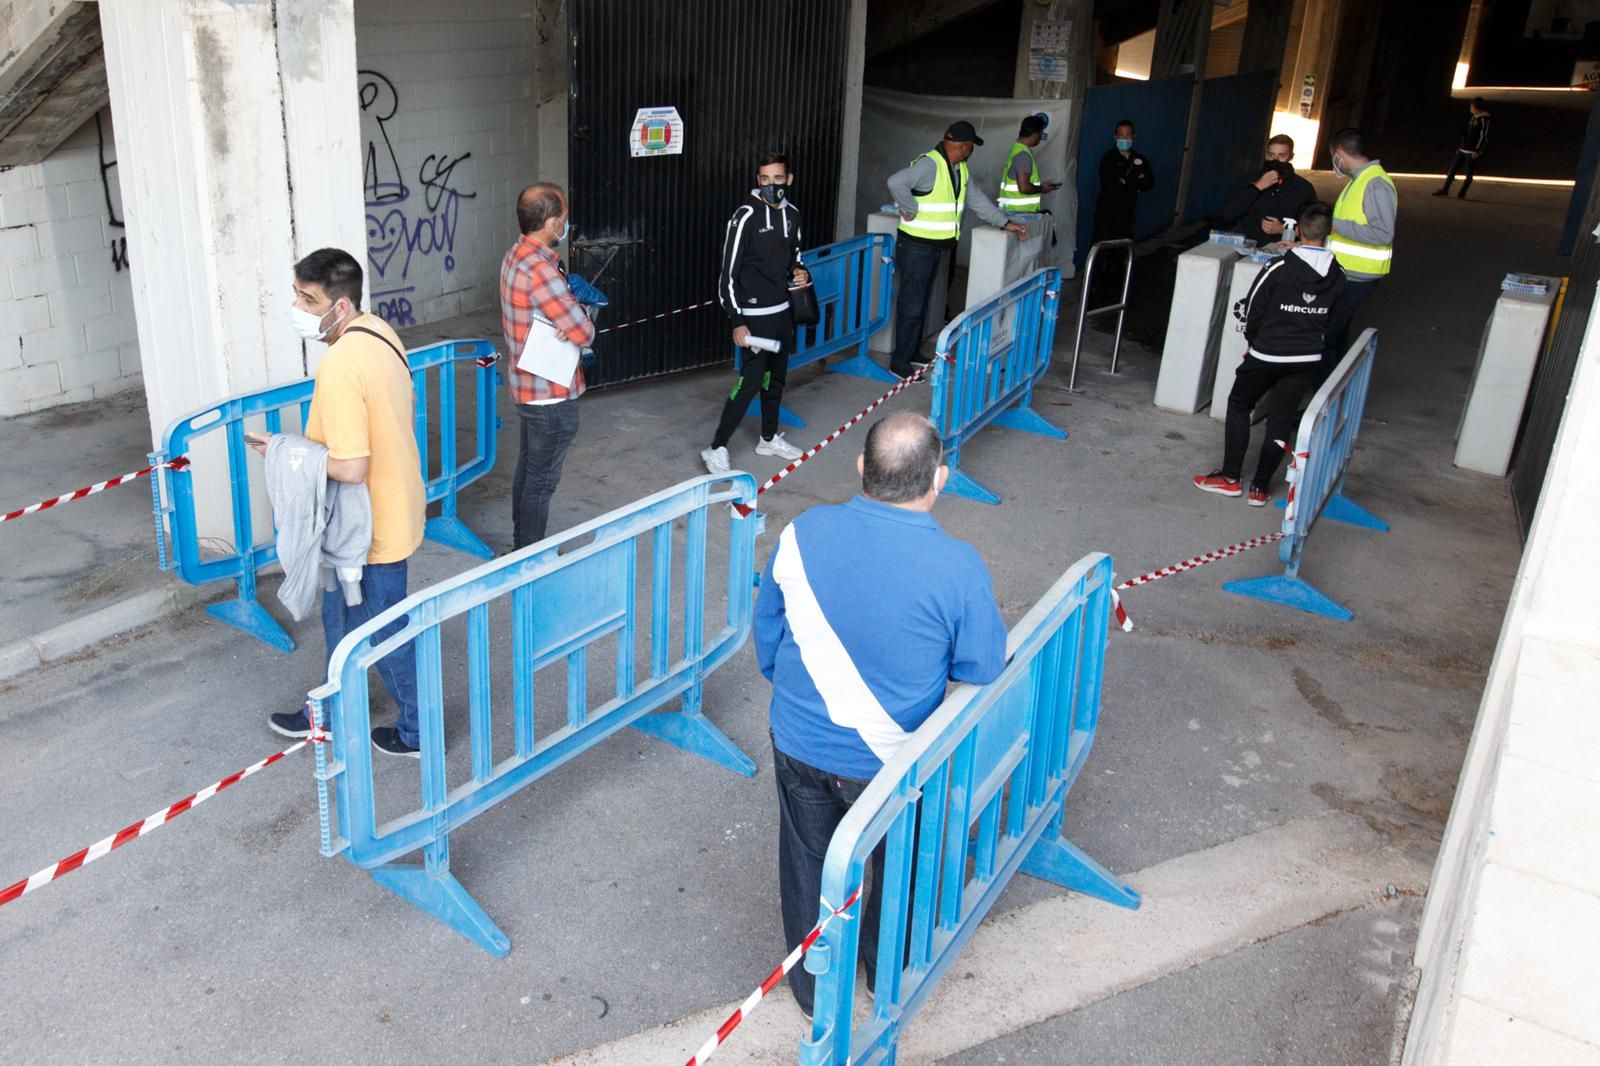 Vuelve el fútbol al Rico Pérez 235 días después con el Hércules - Atzeneta UE